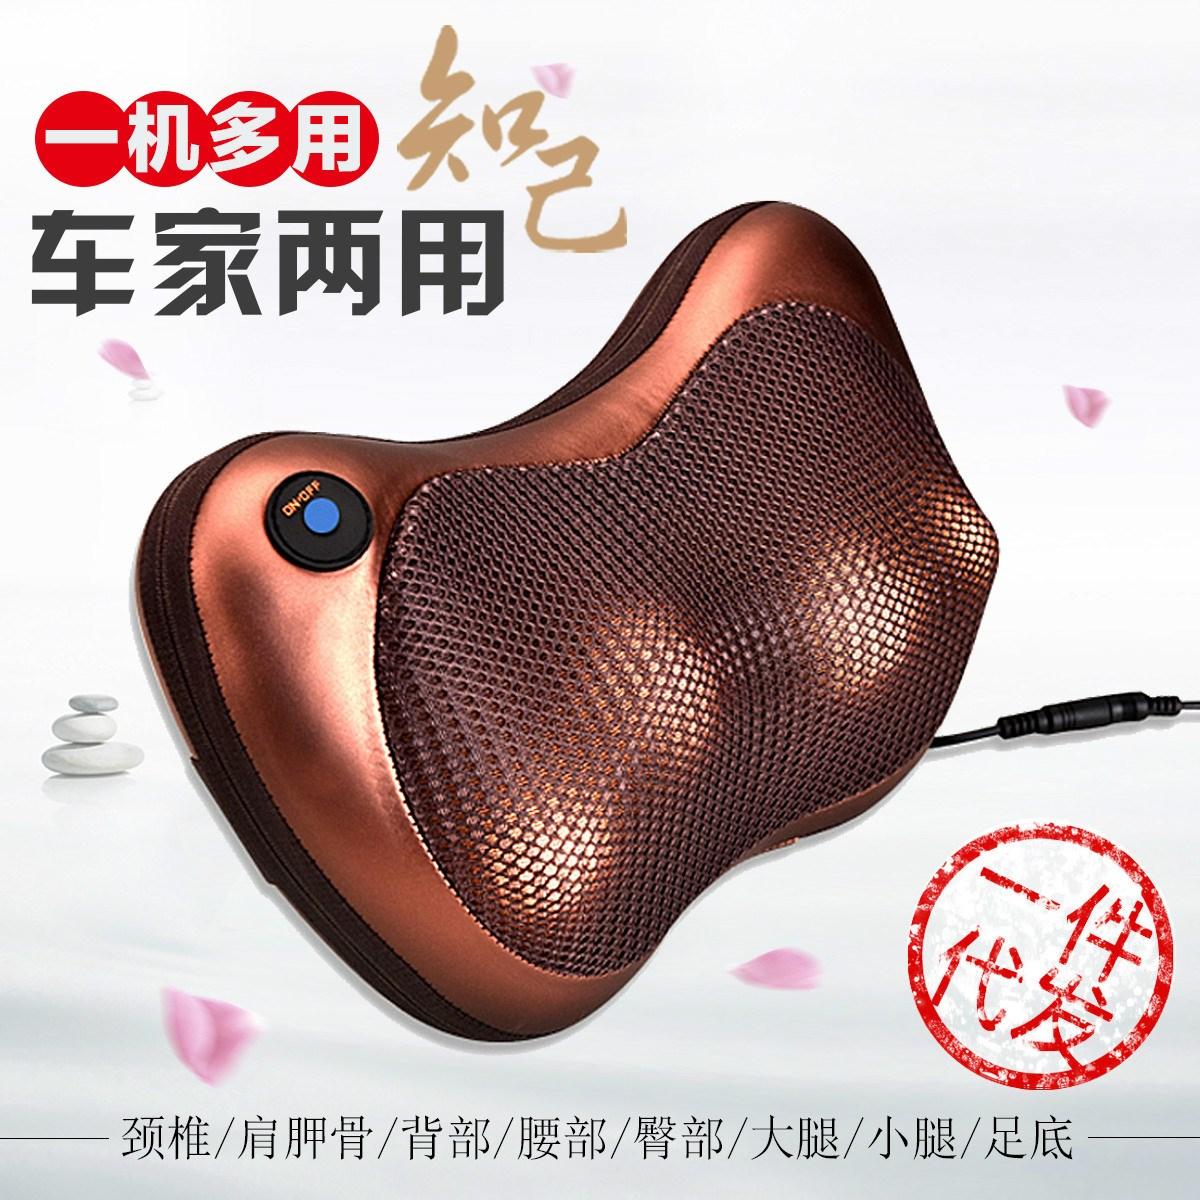 Dispositif de massage du dos du col Cervical de la taille générale électrique multifonctionnel embarqué à bord de l'oreiller de massage des coussins